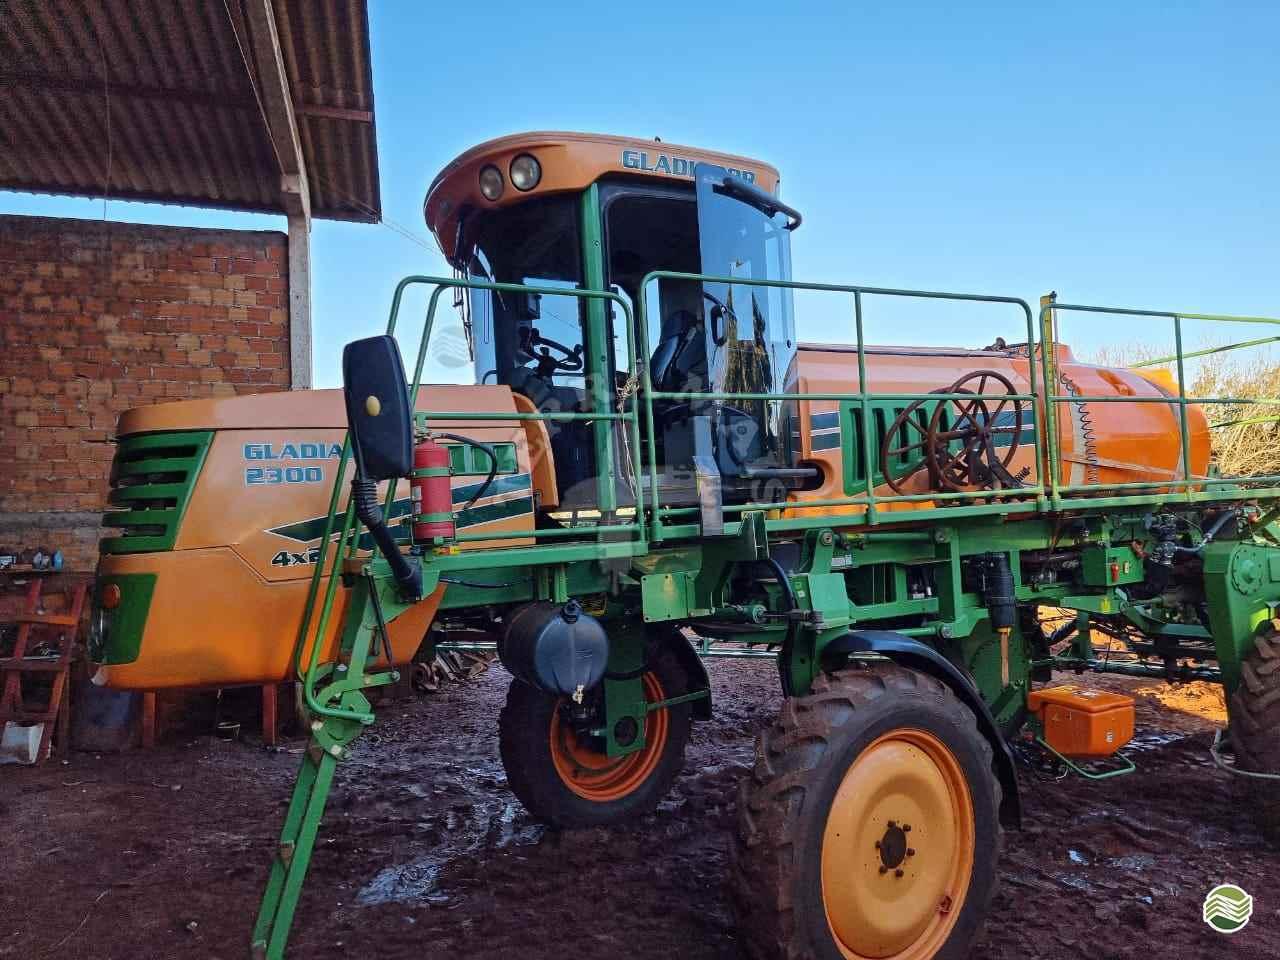 PULVERIZADOR STARA GLADIADOR 2300 Tração 4x2 Terra Mais Implementos Agrícolas TOLEDO PARANÁ PR